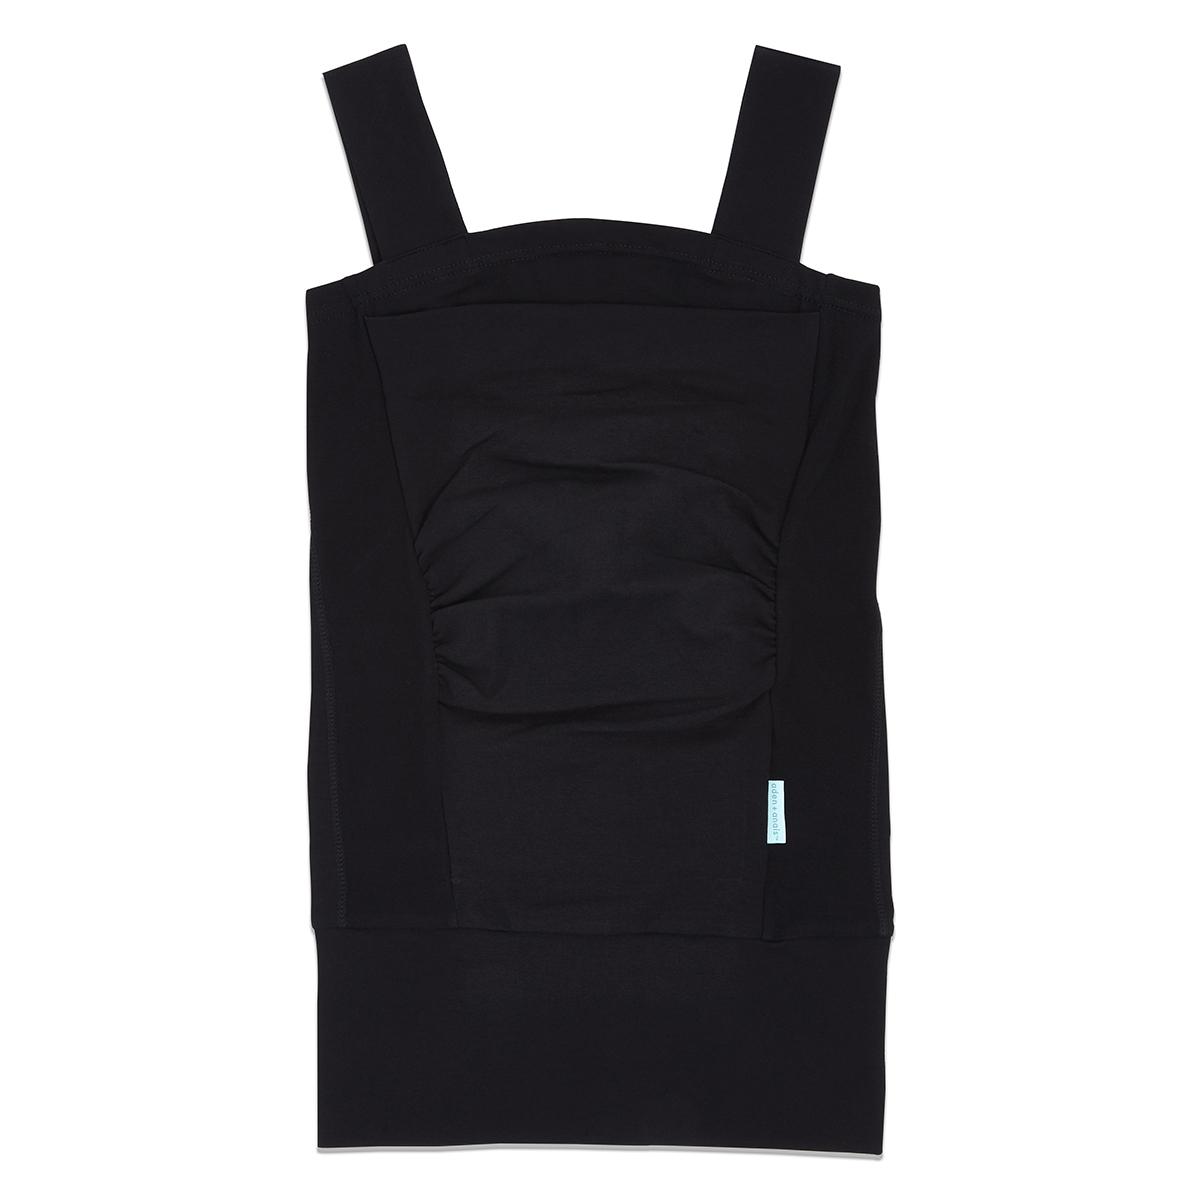 Porte bébé Top Peau-à-peau Solid Black - L Top Peau-à-peau Solid Black - L